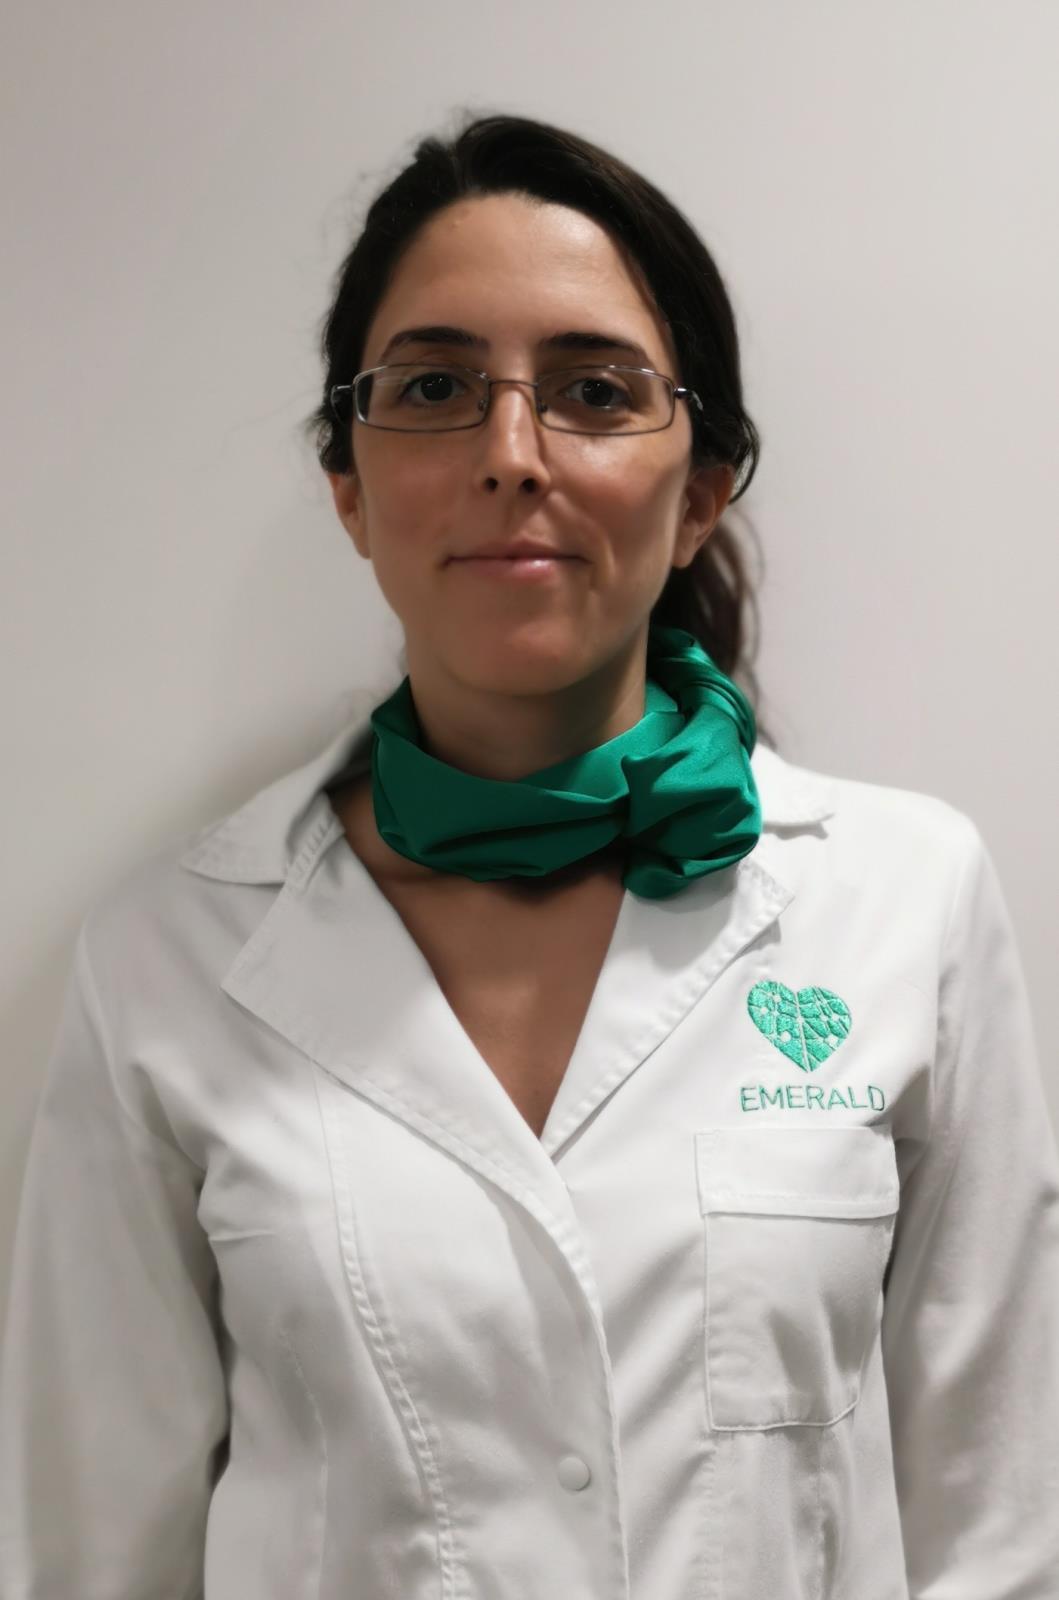 Dr. Monica Dobrovie